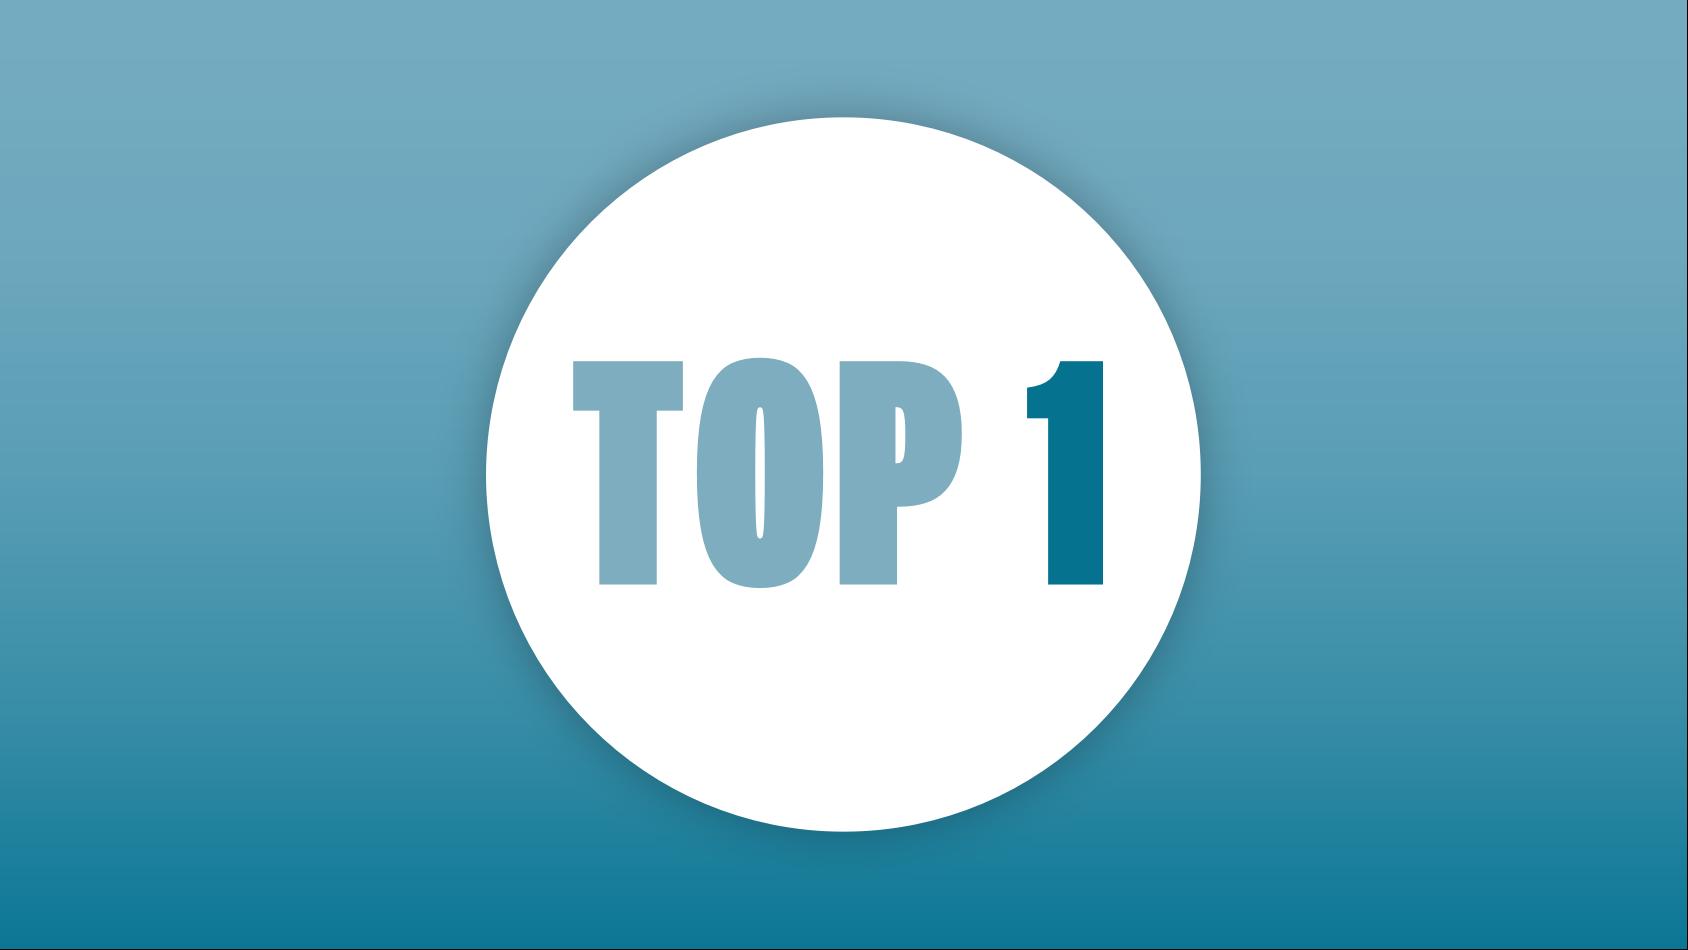 近日,行业权威媒体《中国IDC圈》发布2017年6月服务商口碑排行榜TOP50,森华易腾凭借十多年数据中心领域高稳定、高安全、高效率的服务,连续5个月荣获IDC服务商口碑榜50强TOP1,同时森华易腾京密路数据中心首次入选,荣登数据中心服务口碑榜榜首,此次森华易腾荣获双TOP1体现出业界及广大客户对公司服.